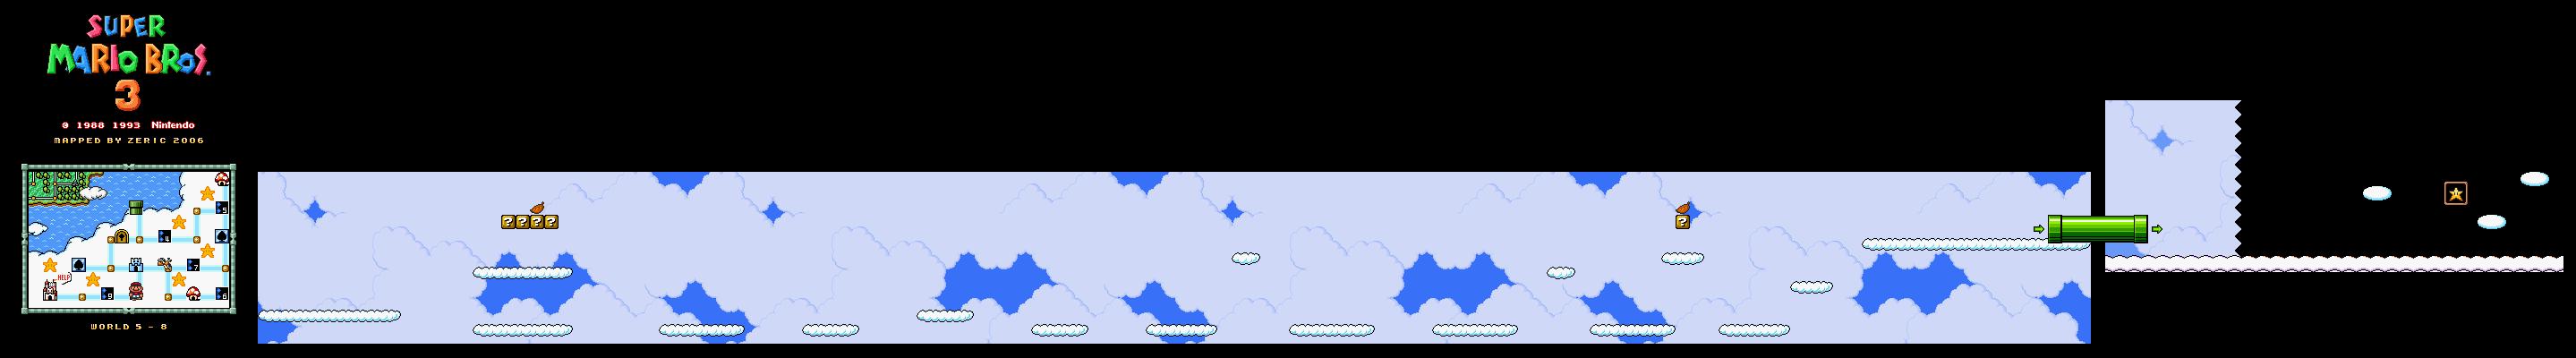 Super Mario All Stars - Super Mario Bros 3 - Snes Game Maps